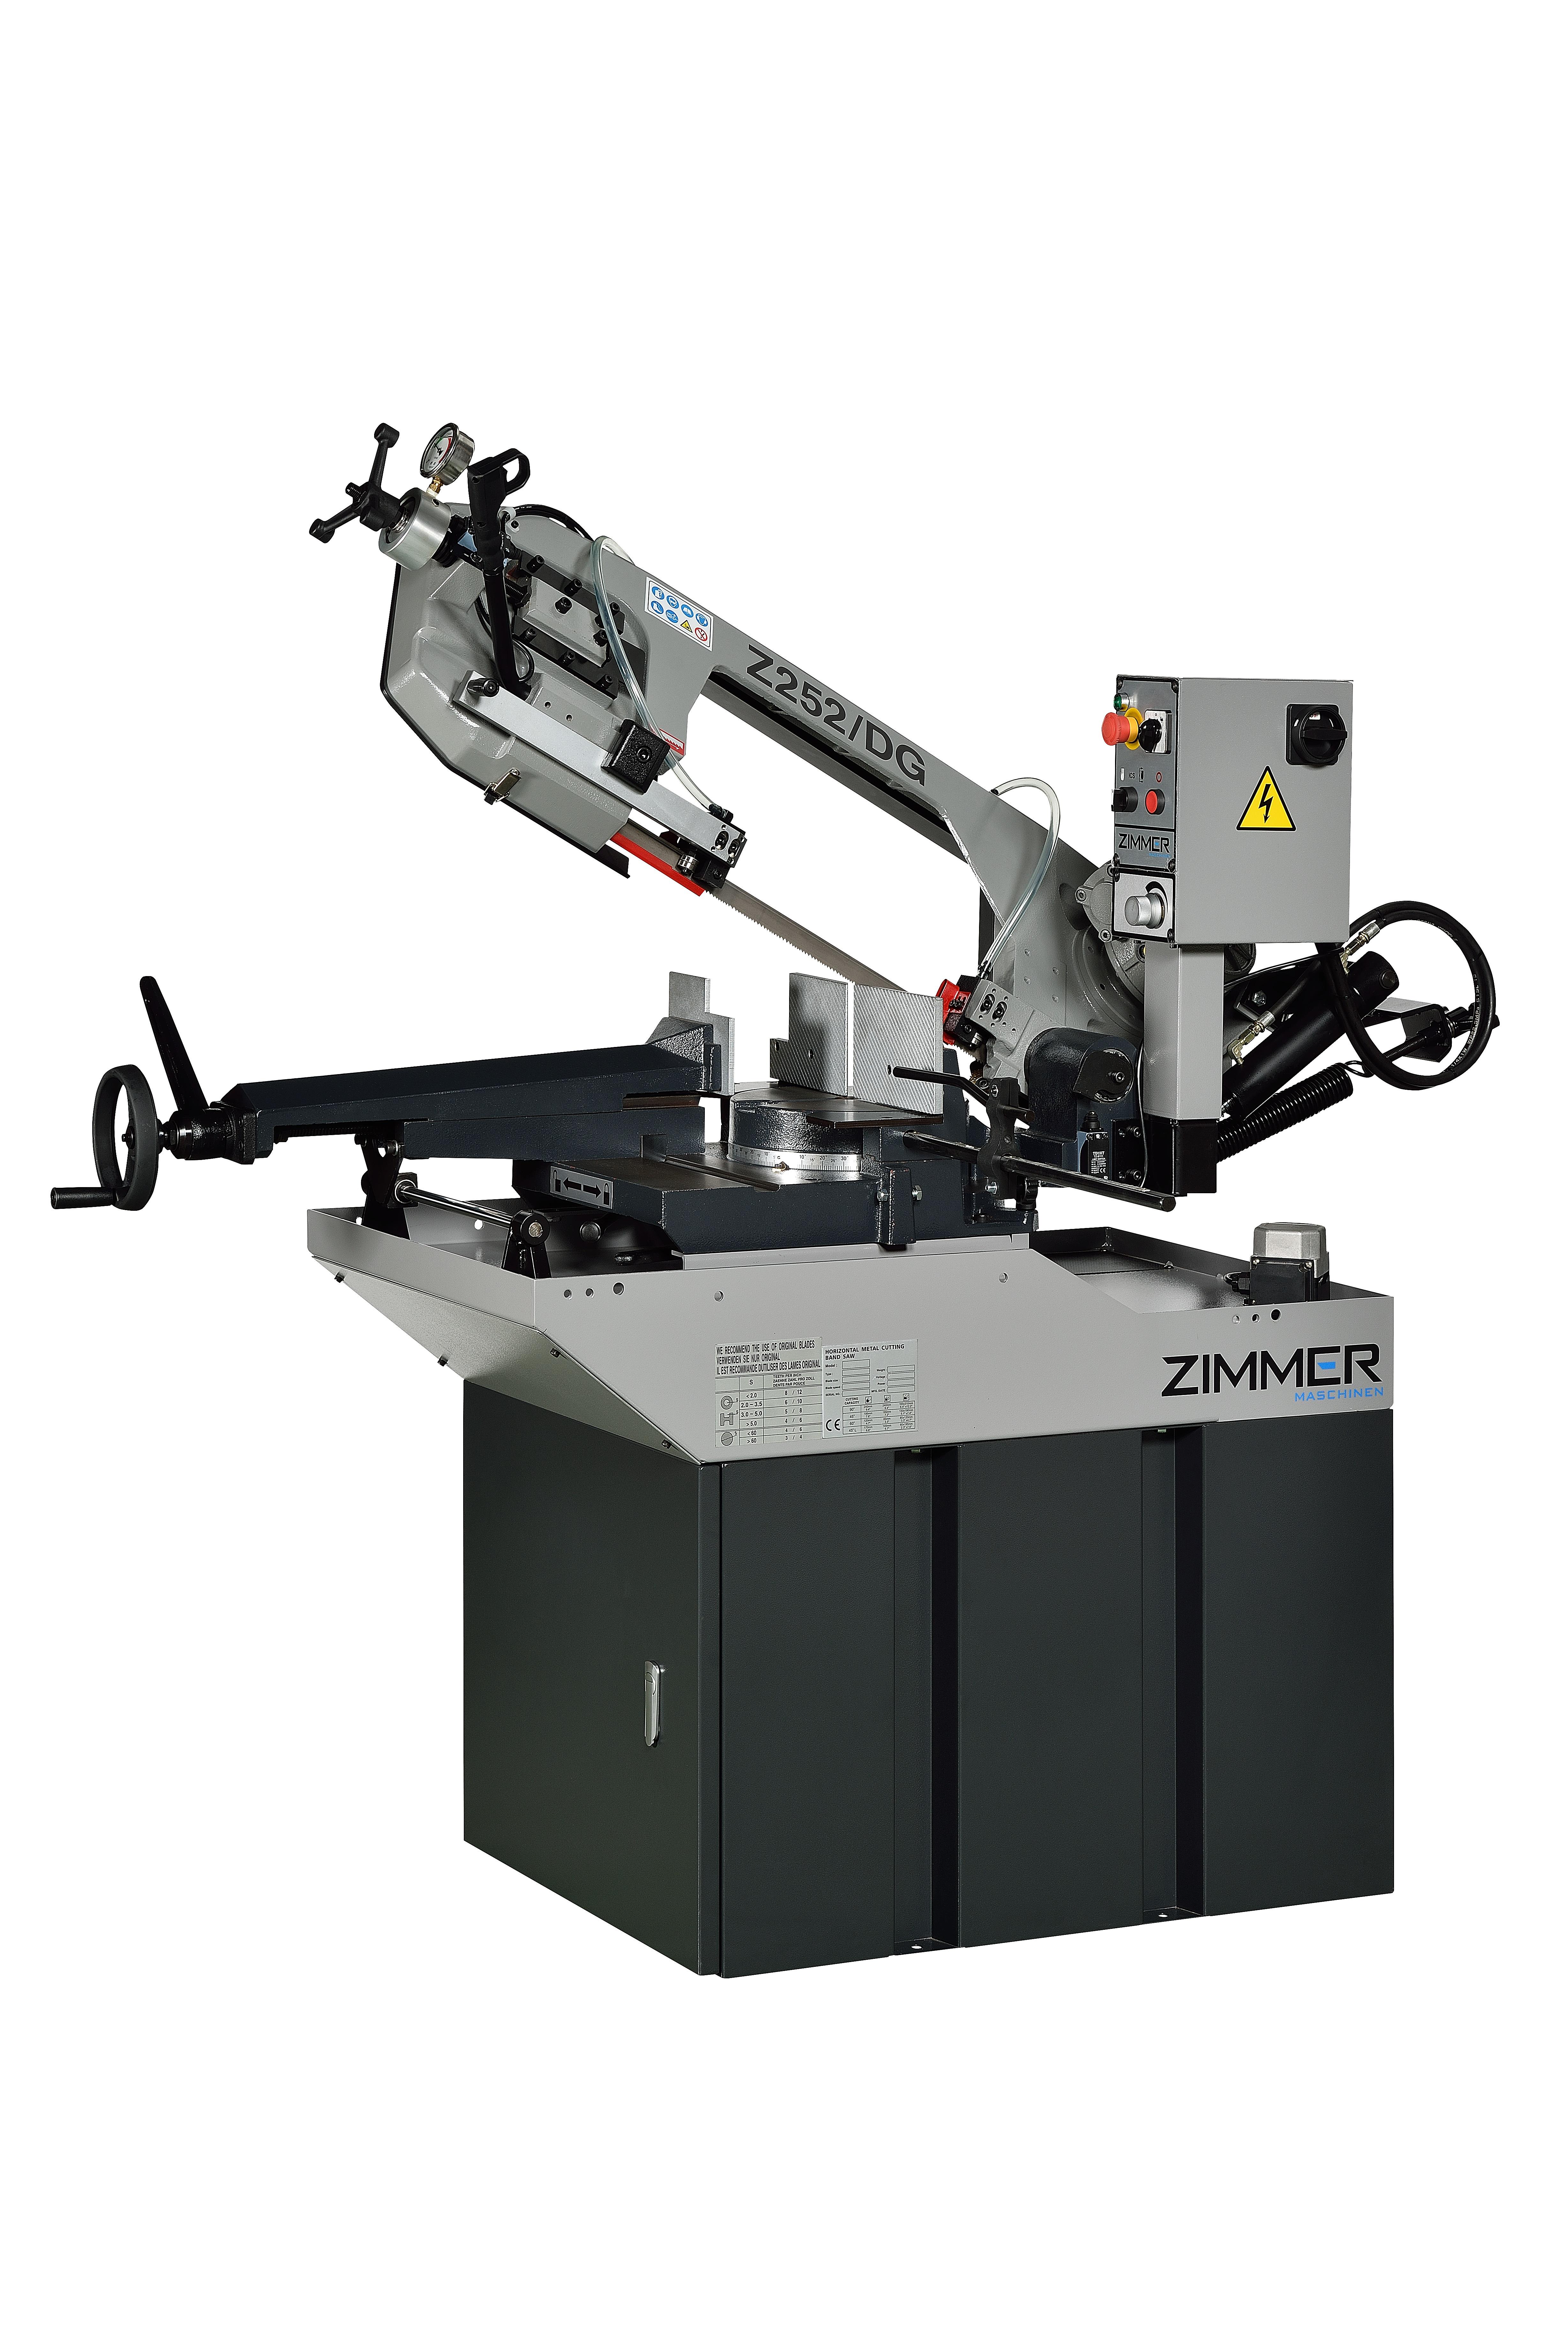 Stationäre Metallbandsäge ZIMMER Z252/DG mit Doppelgehrung